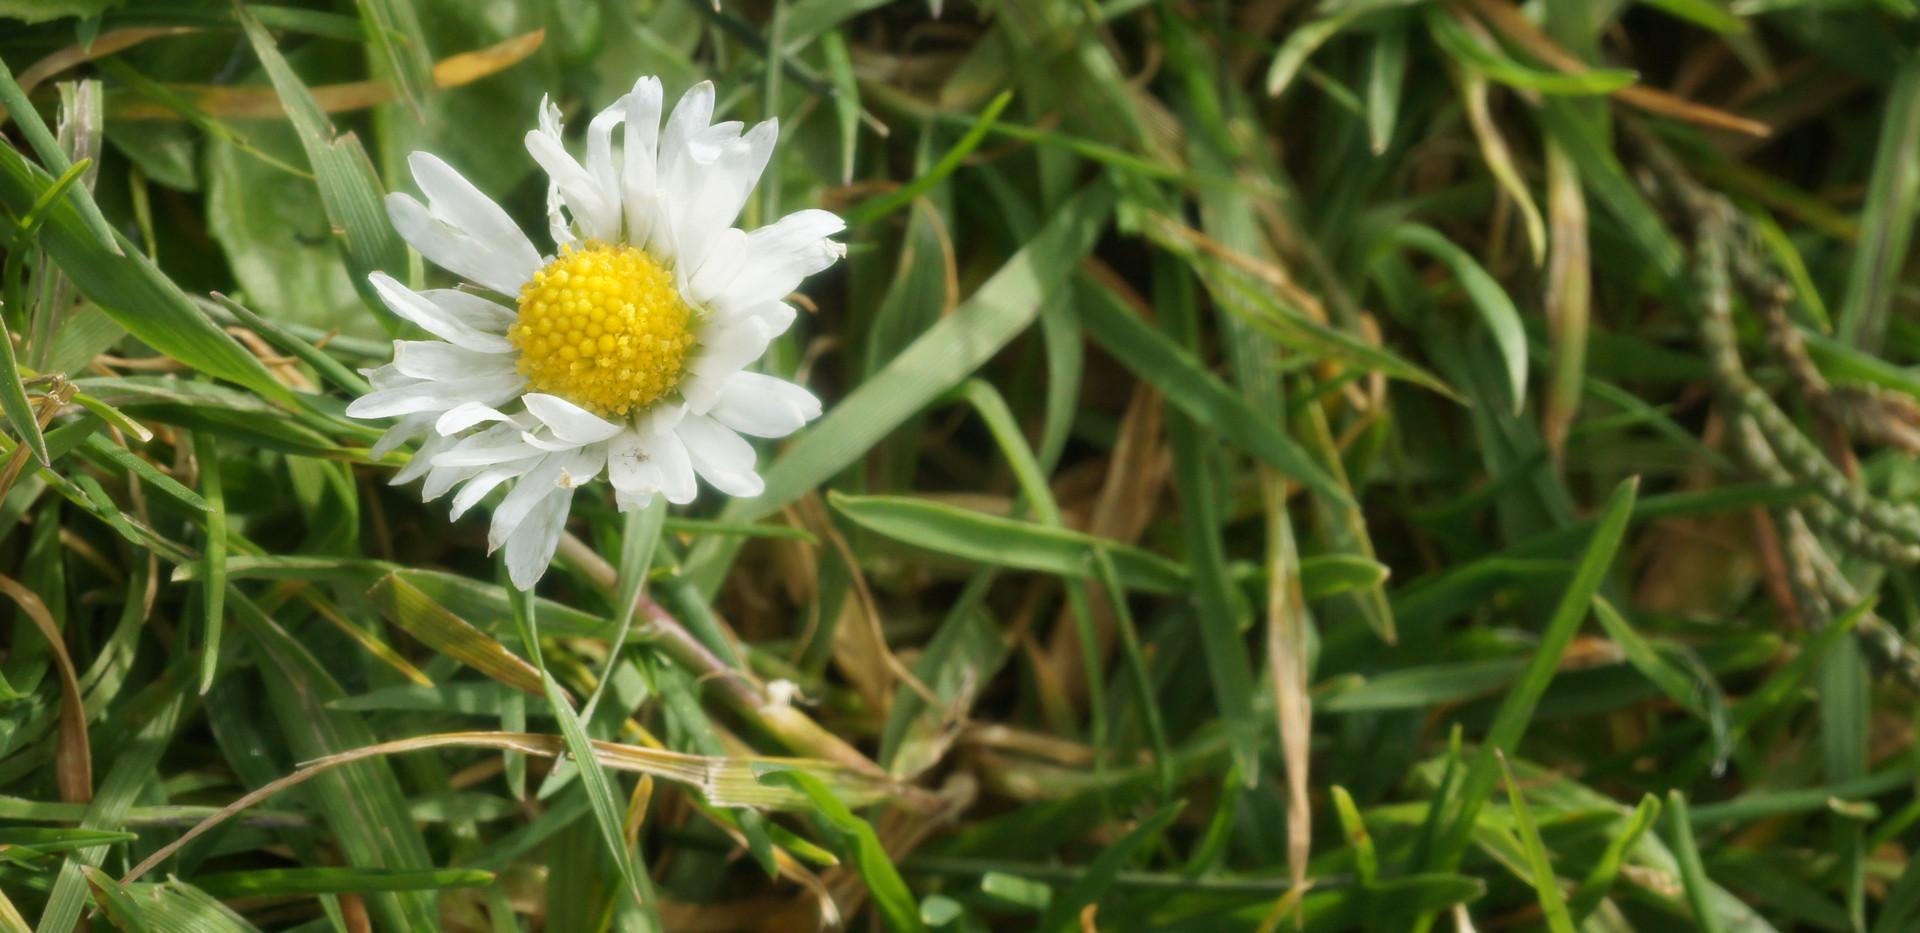 Lawn Daisy 4